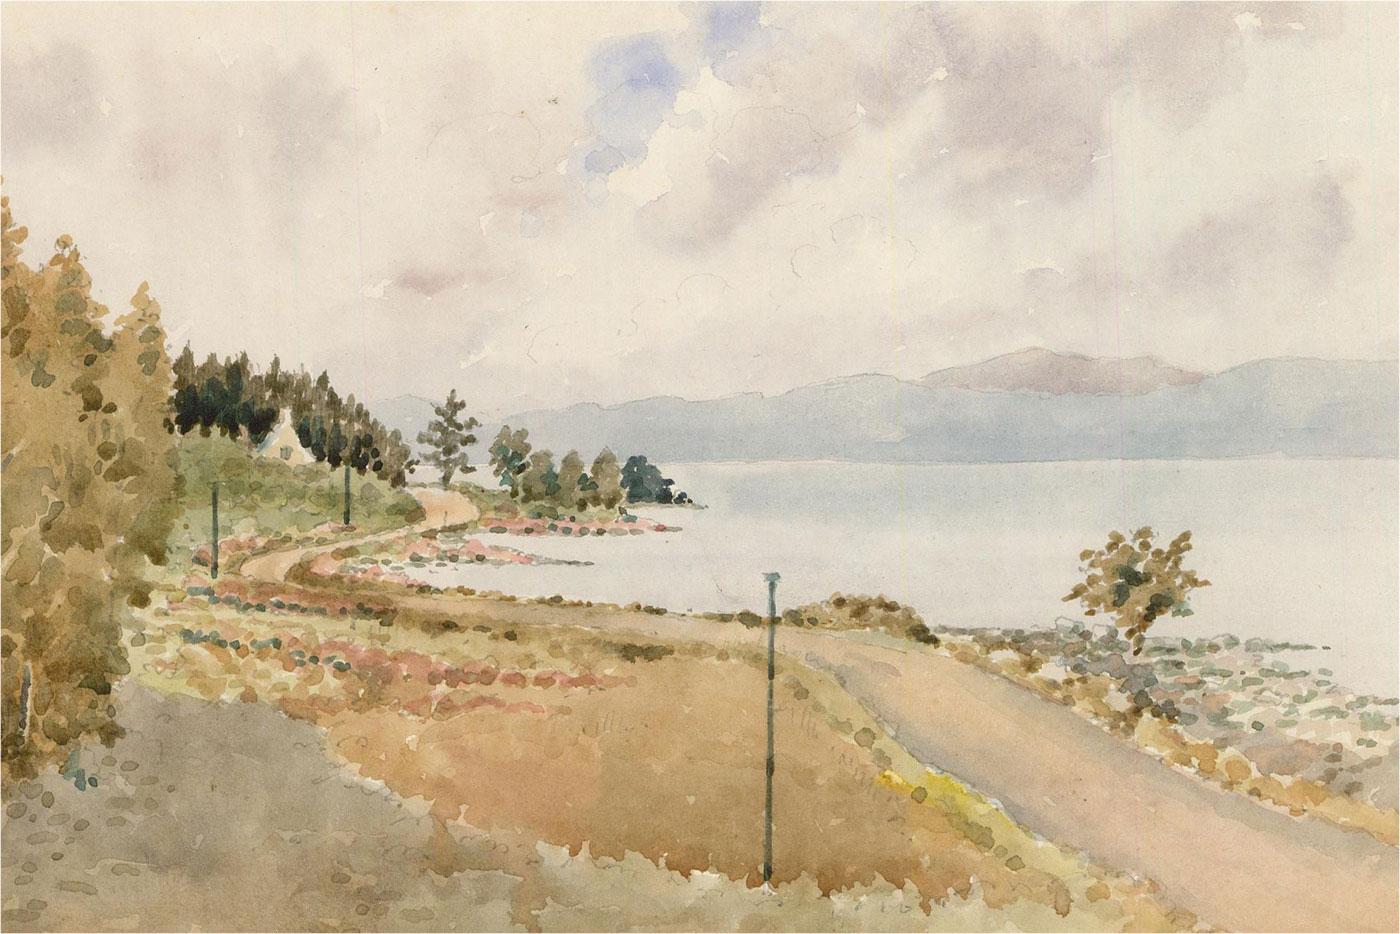 Raymond Turner Barker (1872-1945) - 1928 Watercolour, Loch Rannoch